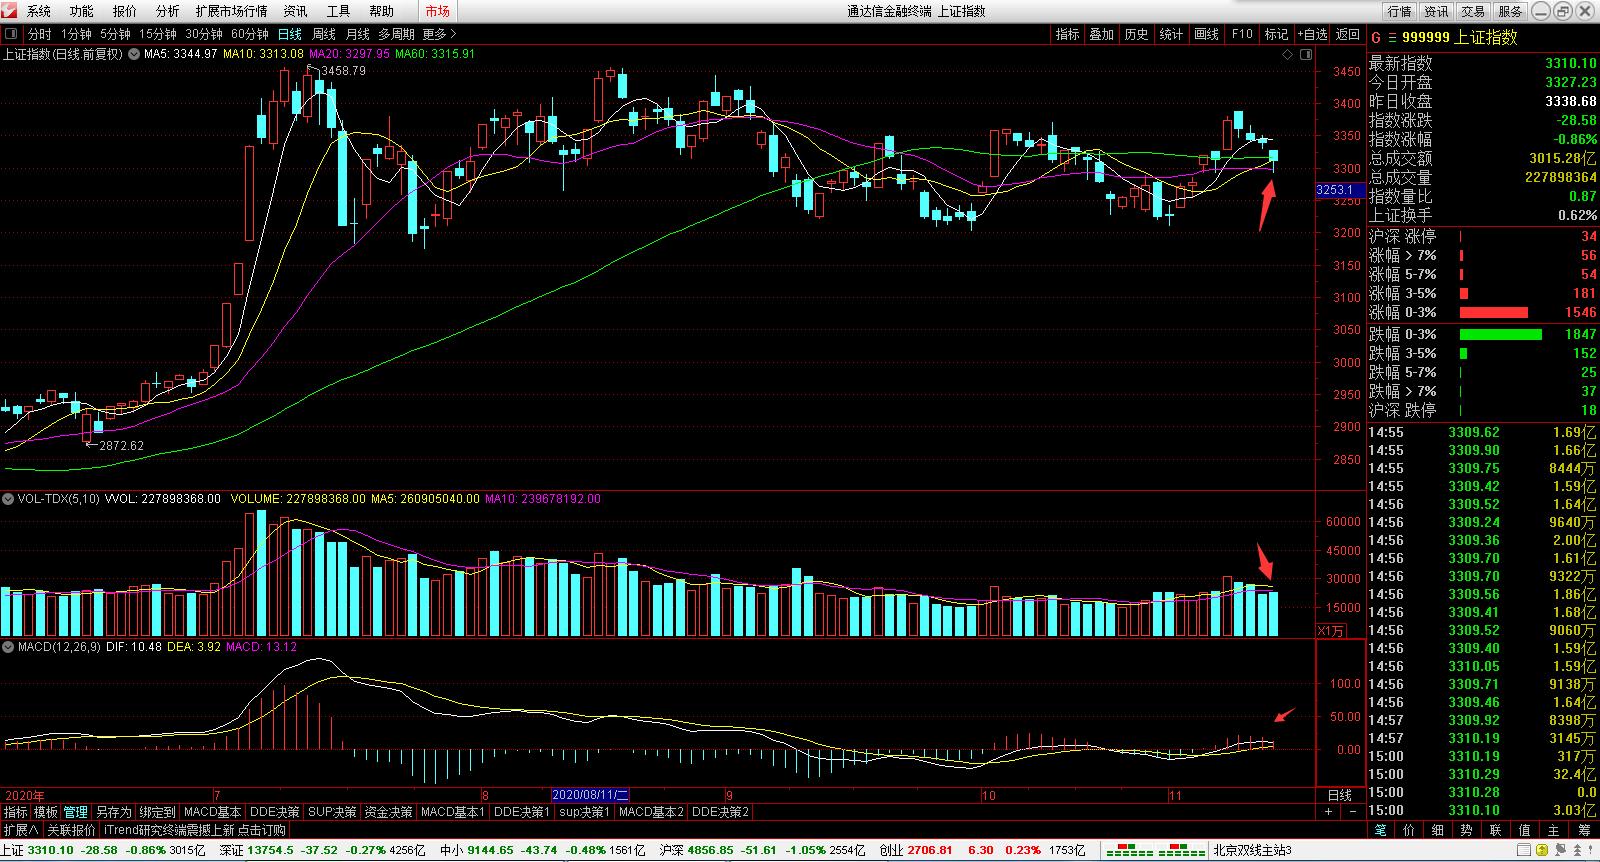 买股票怎么开户流程是什么?